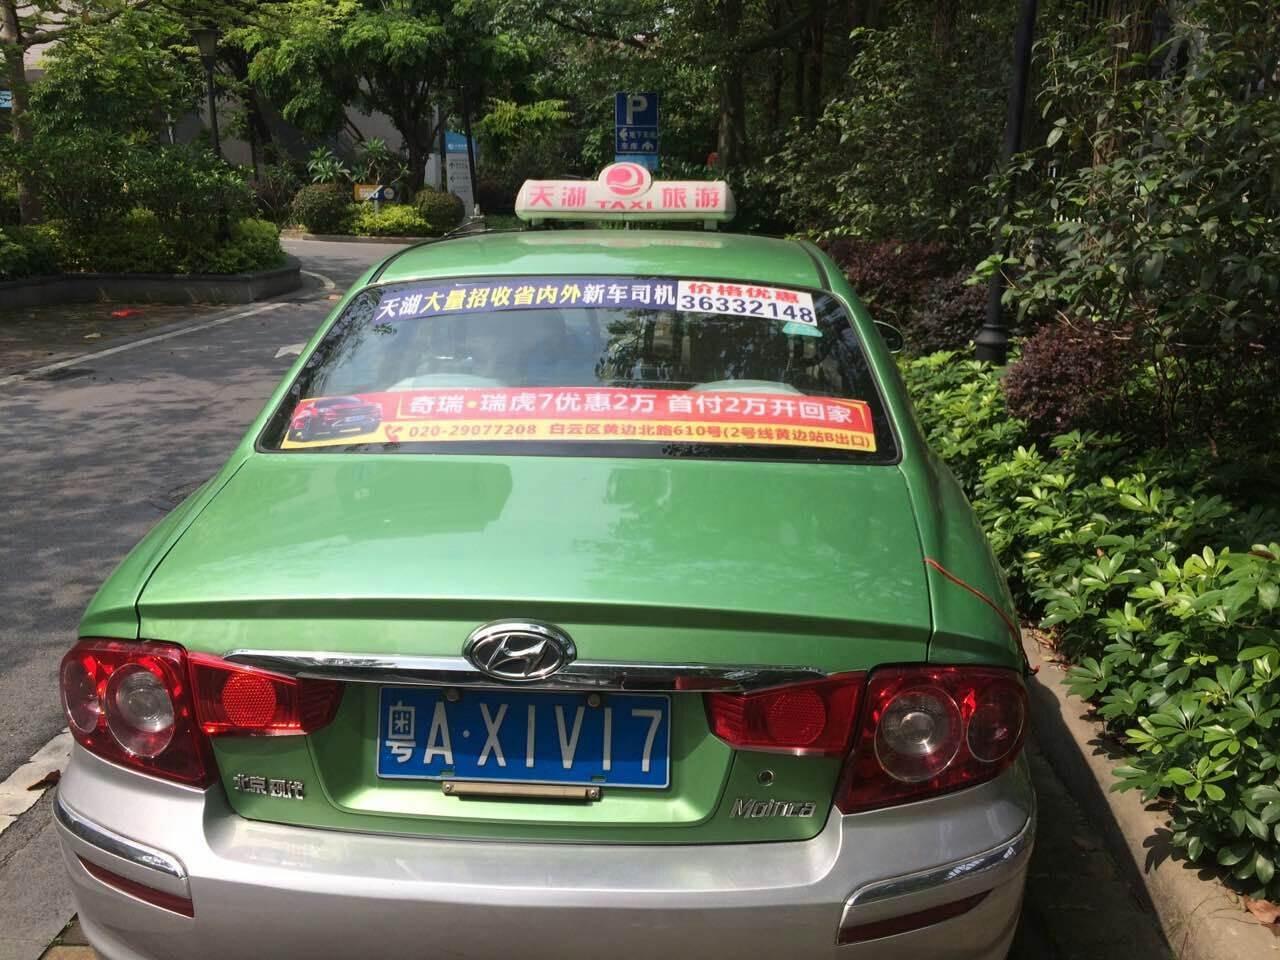 广州出租车尾广告,品牌推广的廉价媒体